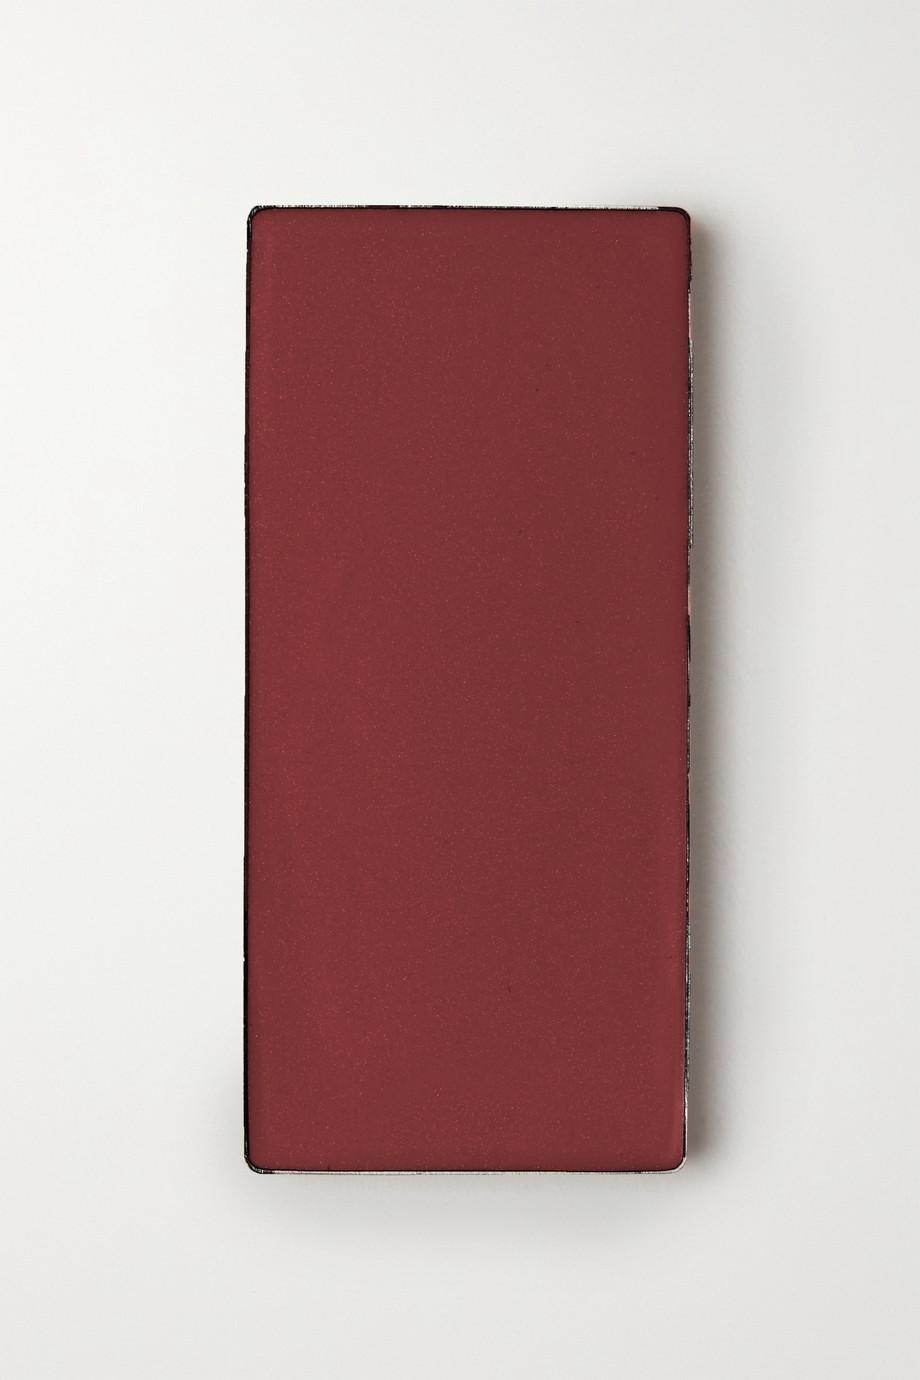 Kjaer Weis Recharge de baume à lèvres teinté, Sensuous Plum